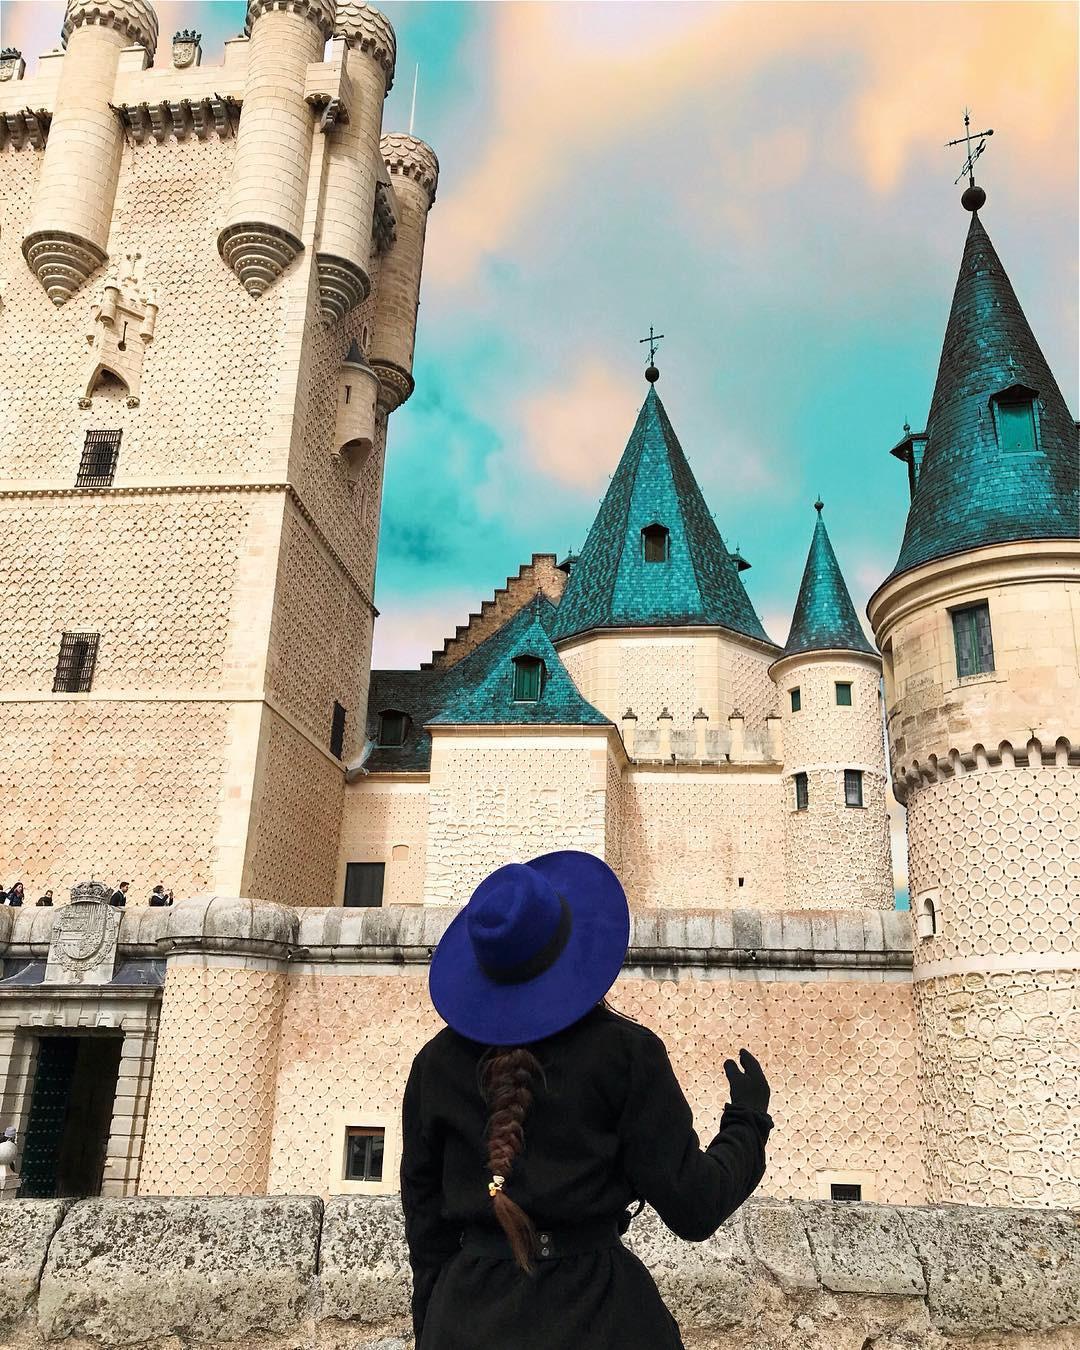 Ngỡ chỉ có trên phim hoạt hình Disney, hóa ra 10 kiến trúc nổi tiếng này là có thật 100% ngoài đời - Ảnh 1.